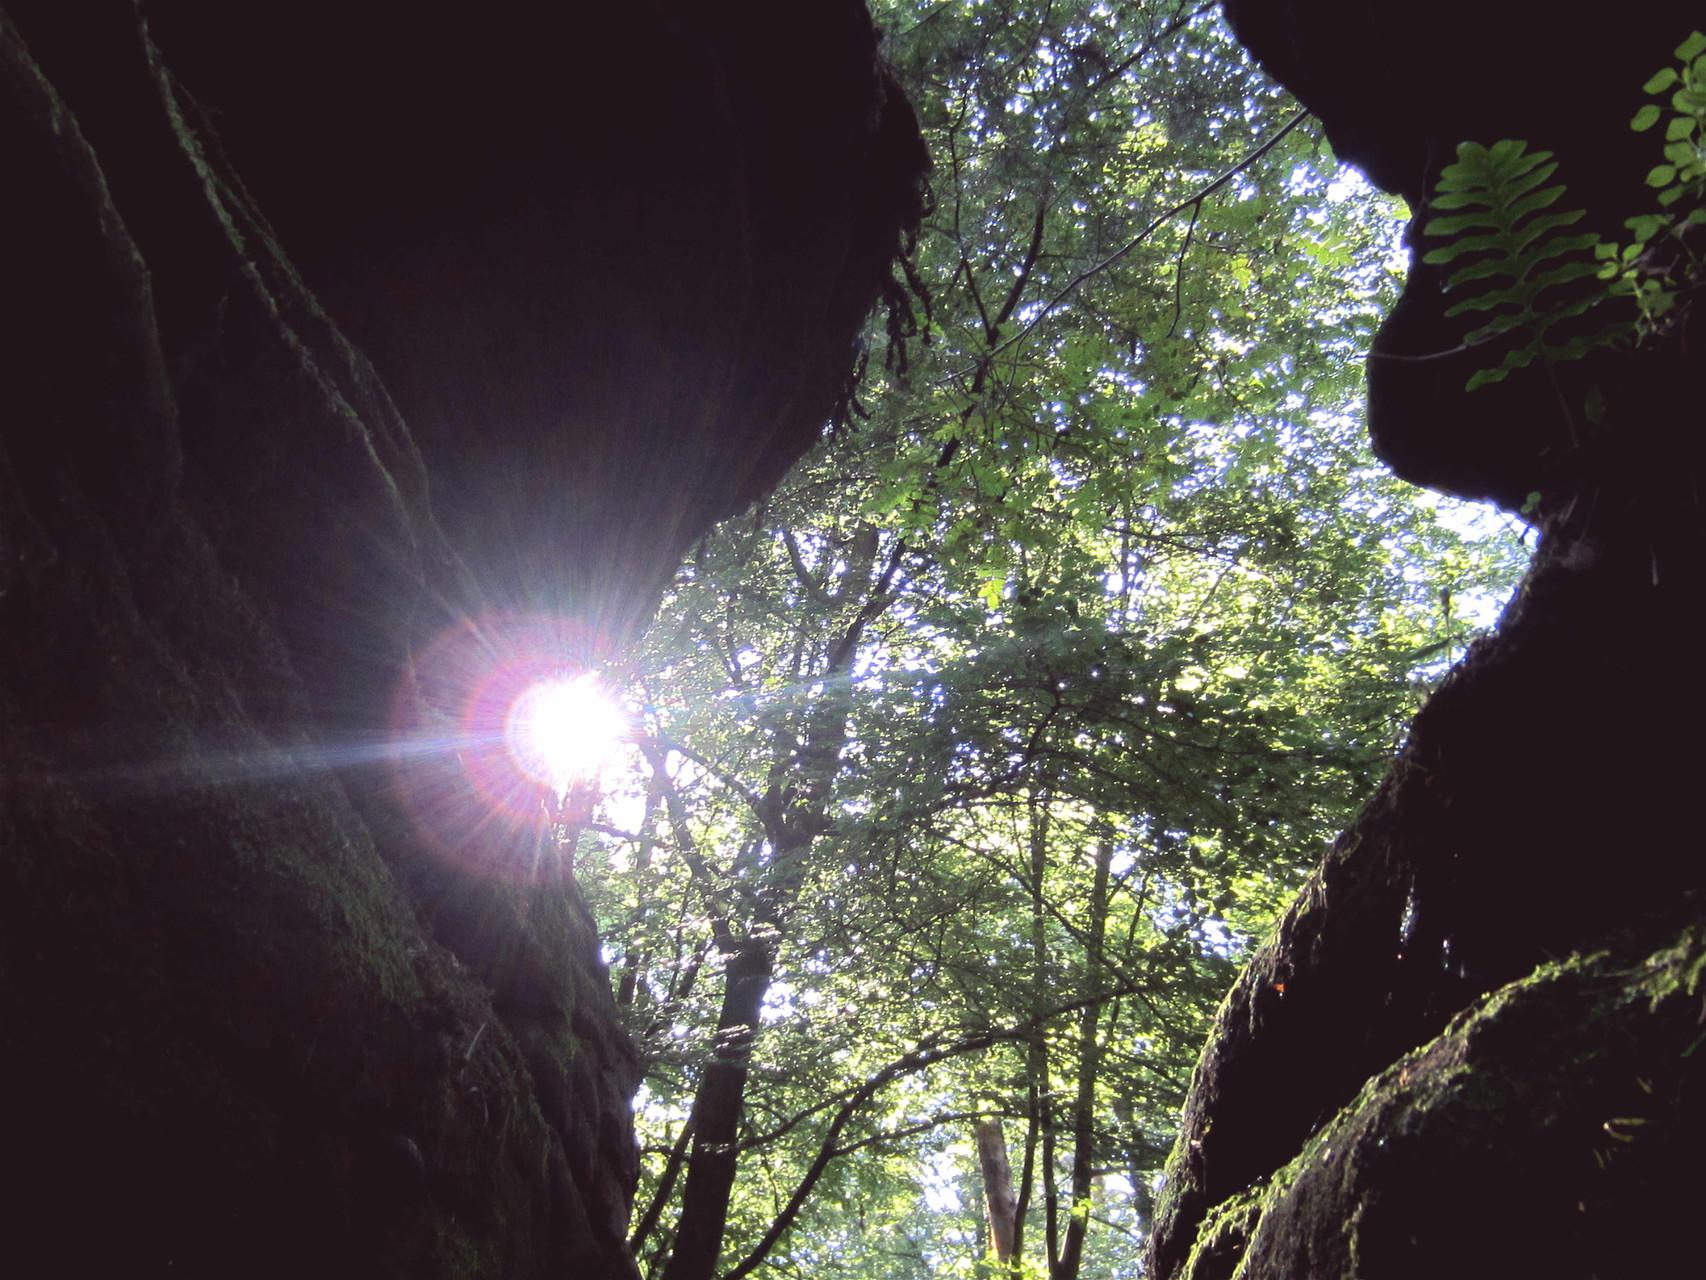 """""""Der Wald gab seine Geheimnisse nicht so leicht preis. Er hütete sie wie eine Drachenmutter ihre angriffslustige Brut. Nur, um sie im richtigen Moment loszulassen."""" (Lichtsturm)"""